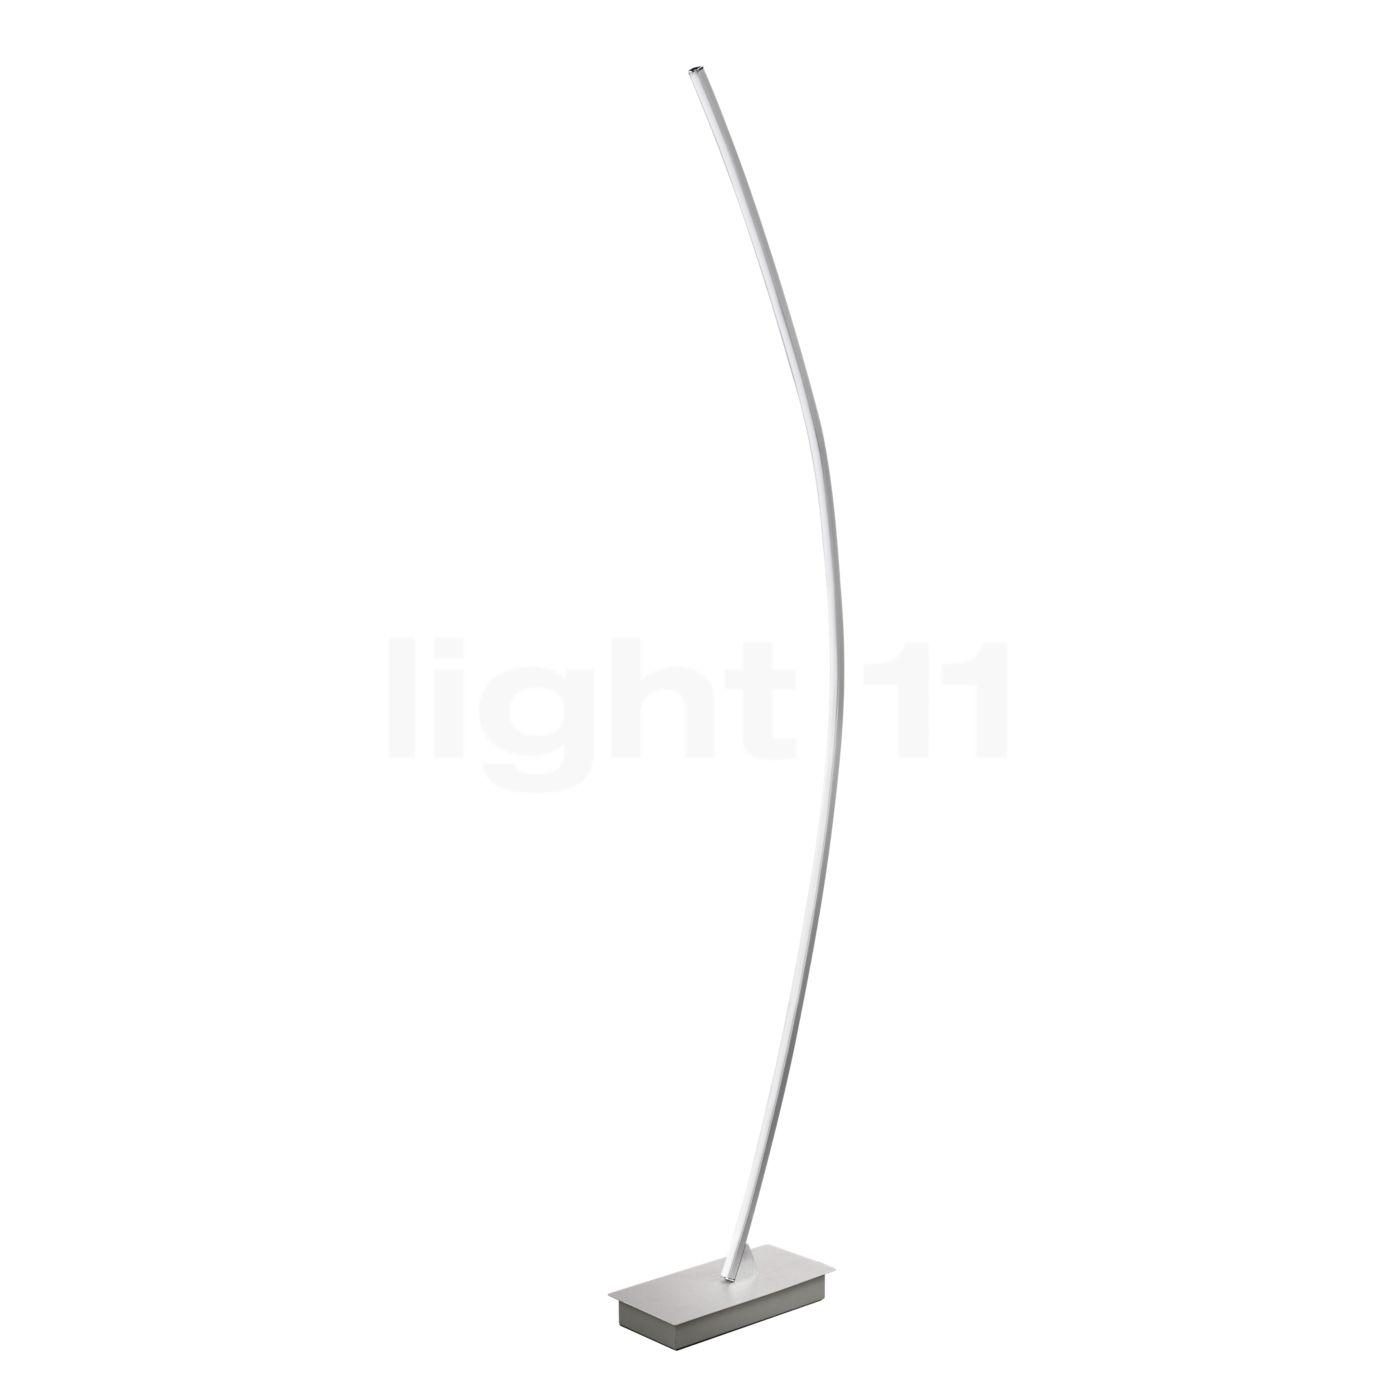 Buy philips myliving hexagon floor lamp led at light11 aloadofball Gallery